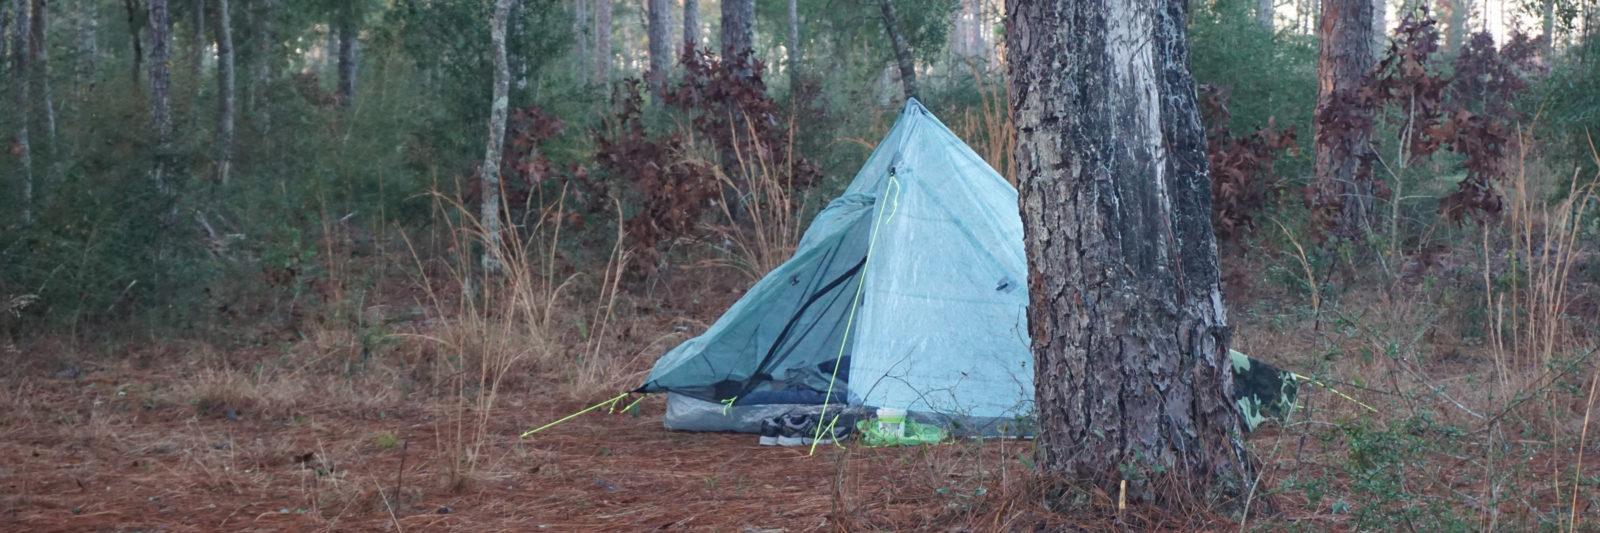 Camping at JR Walton Pond Eglin